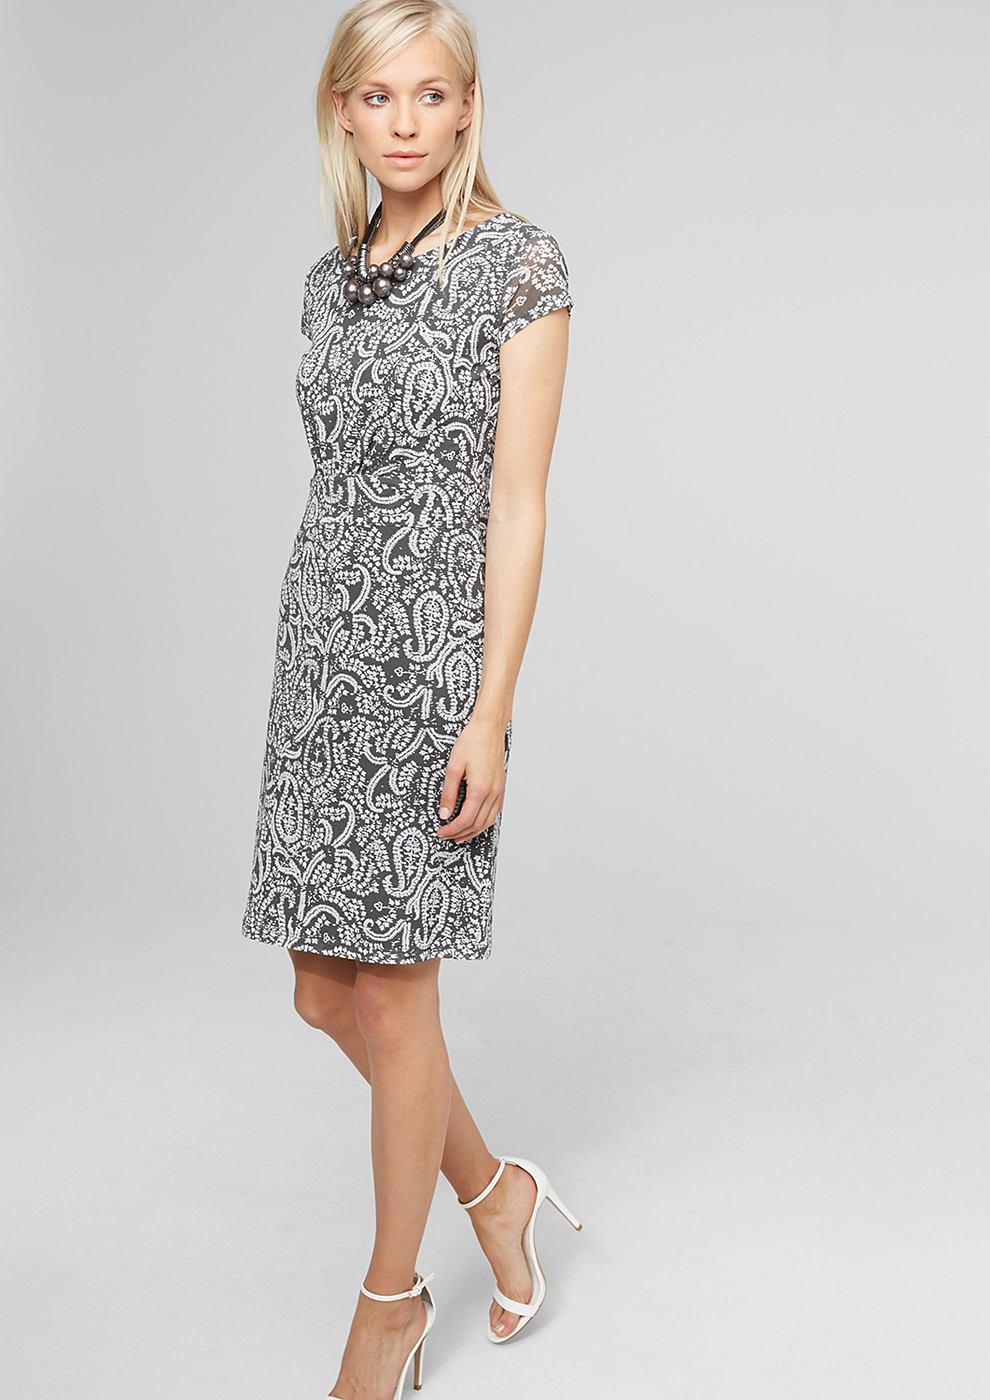 s.Oliver Premium Getailleerde mesh jurk grijs